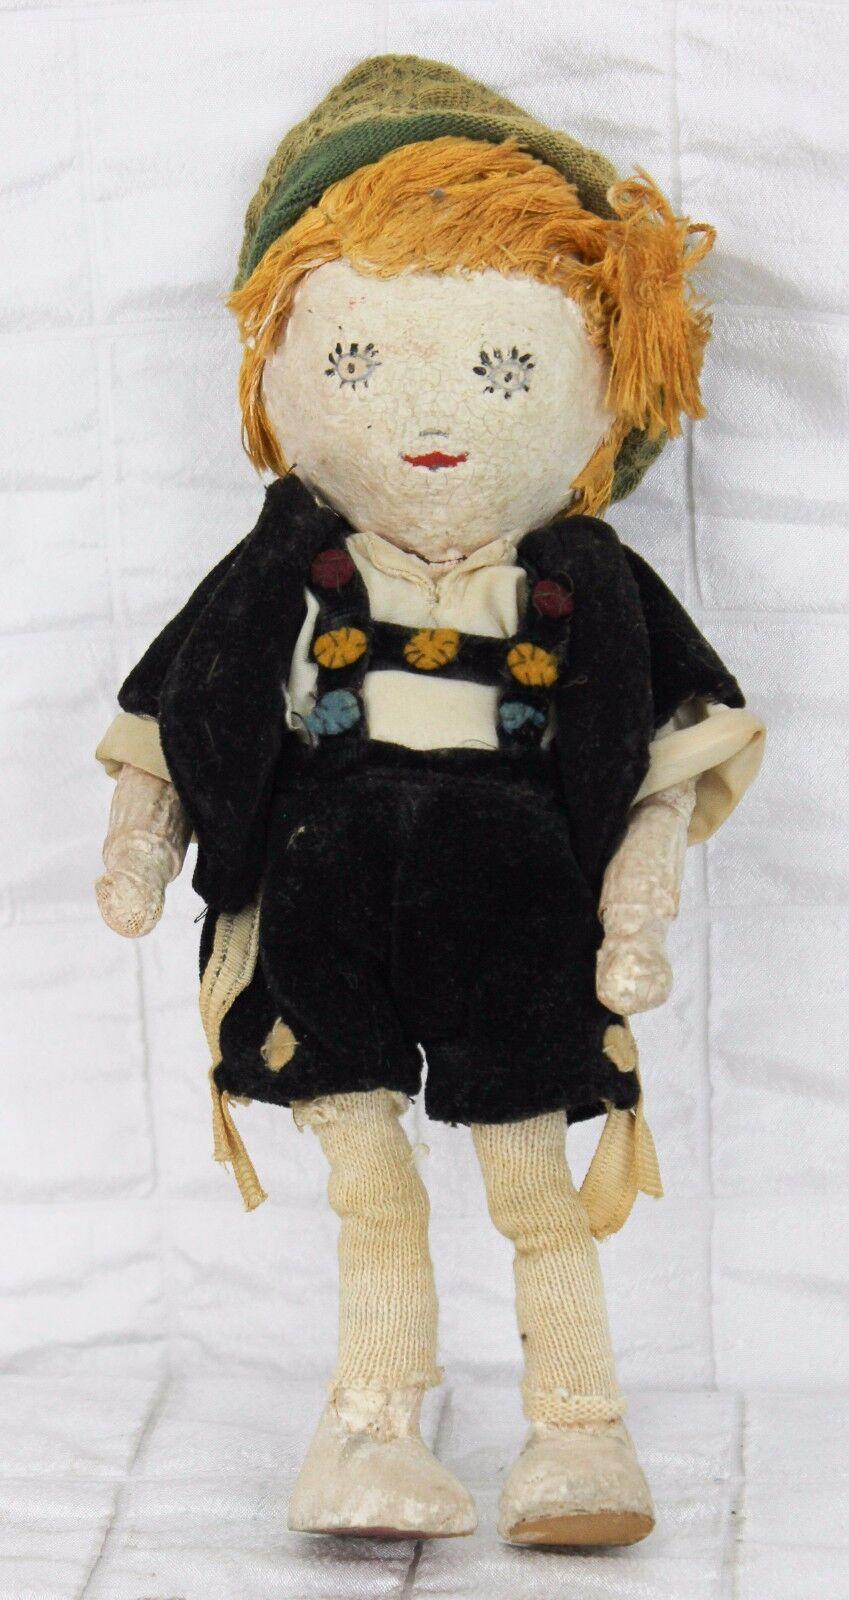 Vintage Muñeca de papel maché ropa de niño alemán Lederhosen pintado cara Sombrero Cabello Rubio